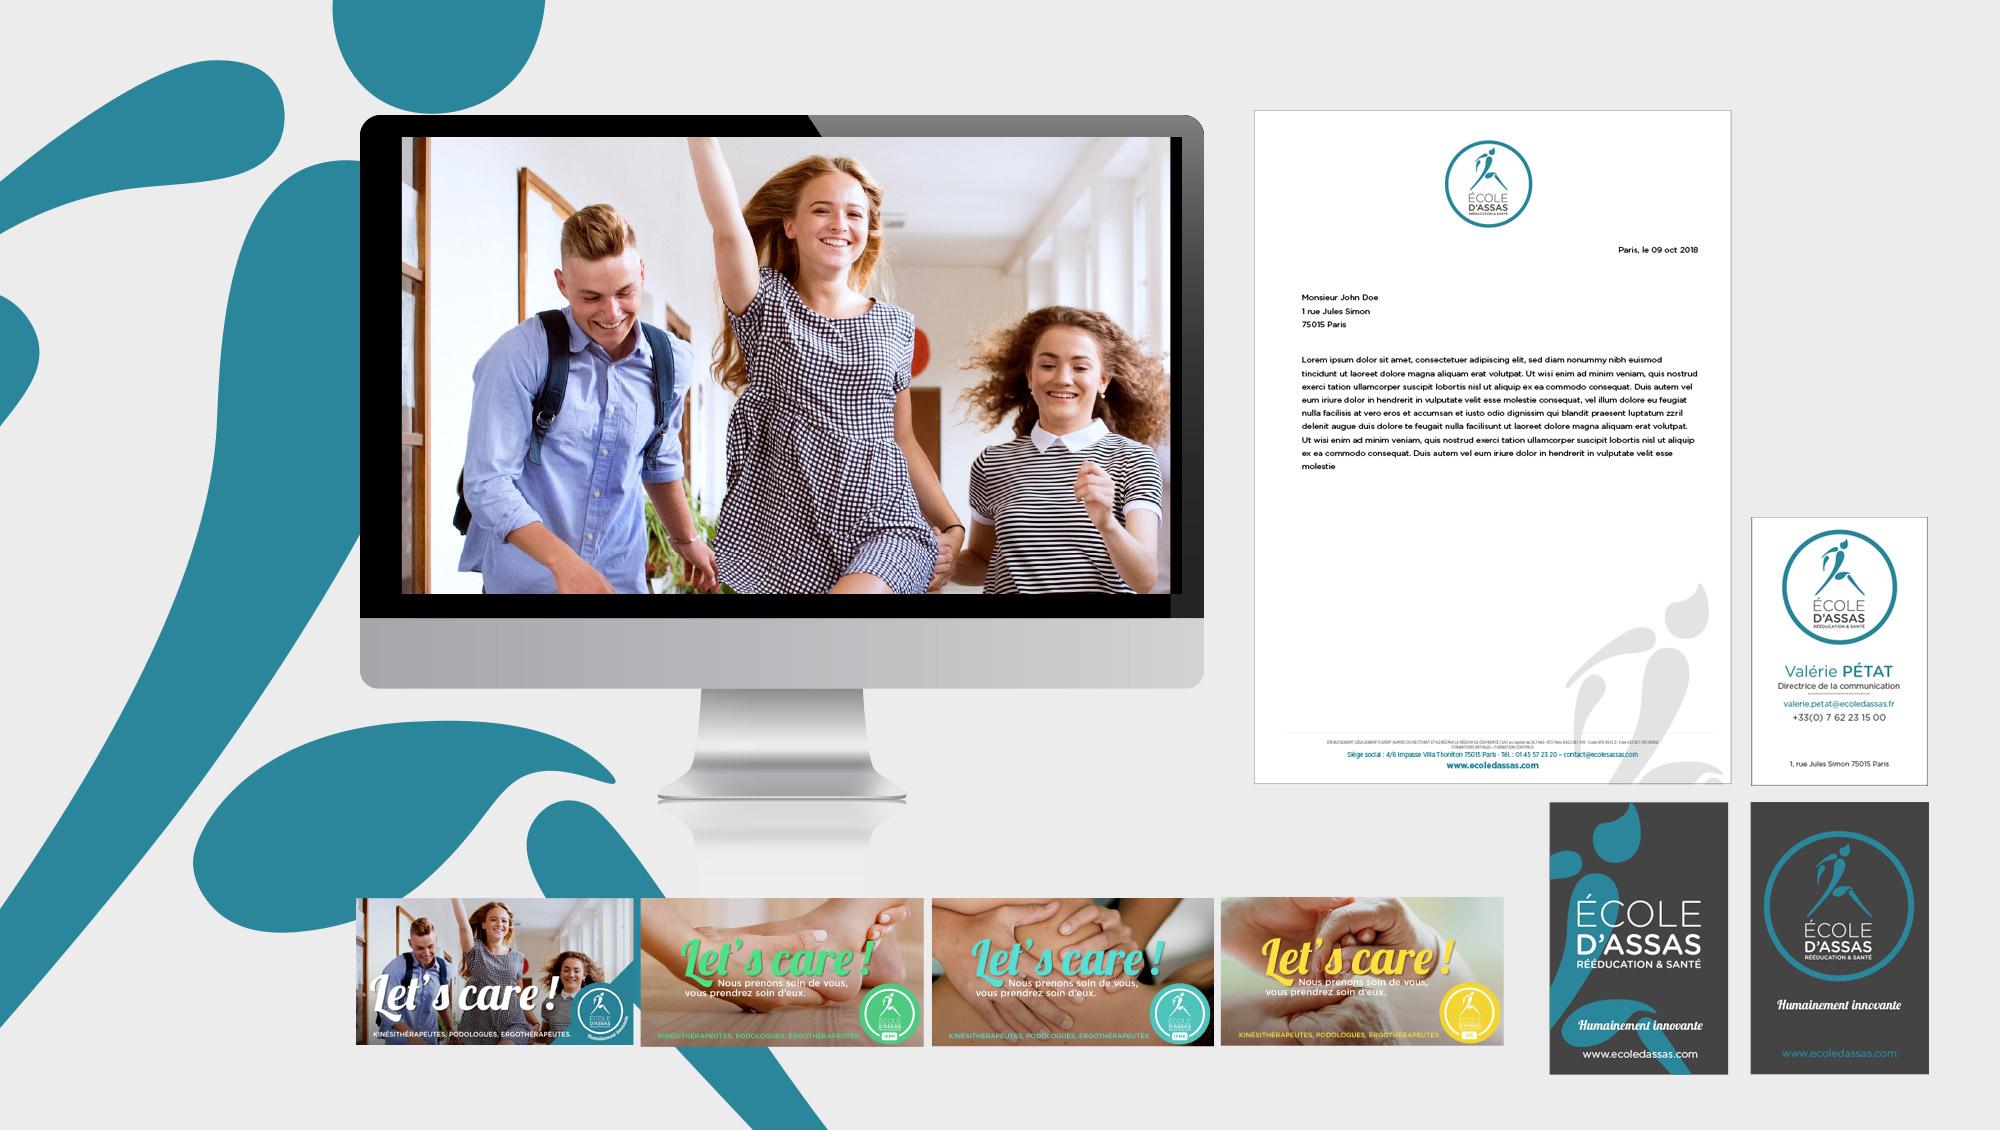 Agence Sharing - campagne de communication Ecole d'Assas